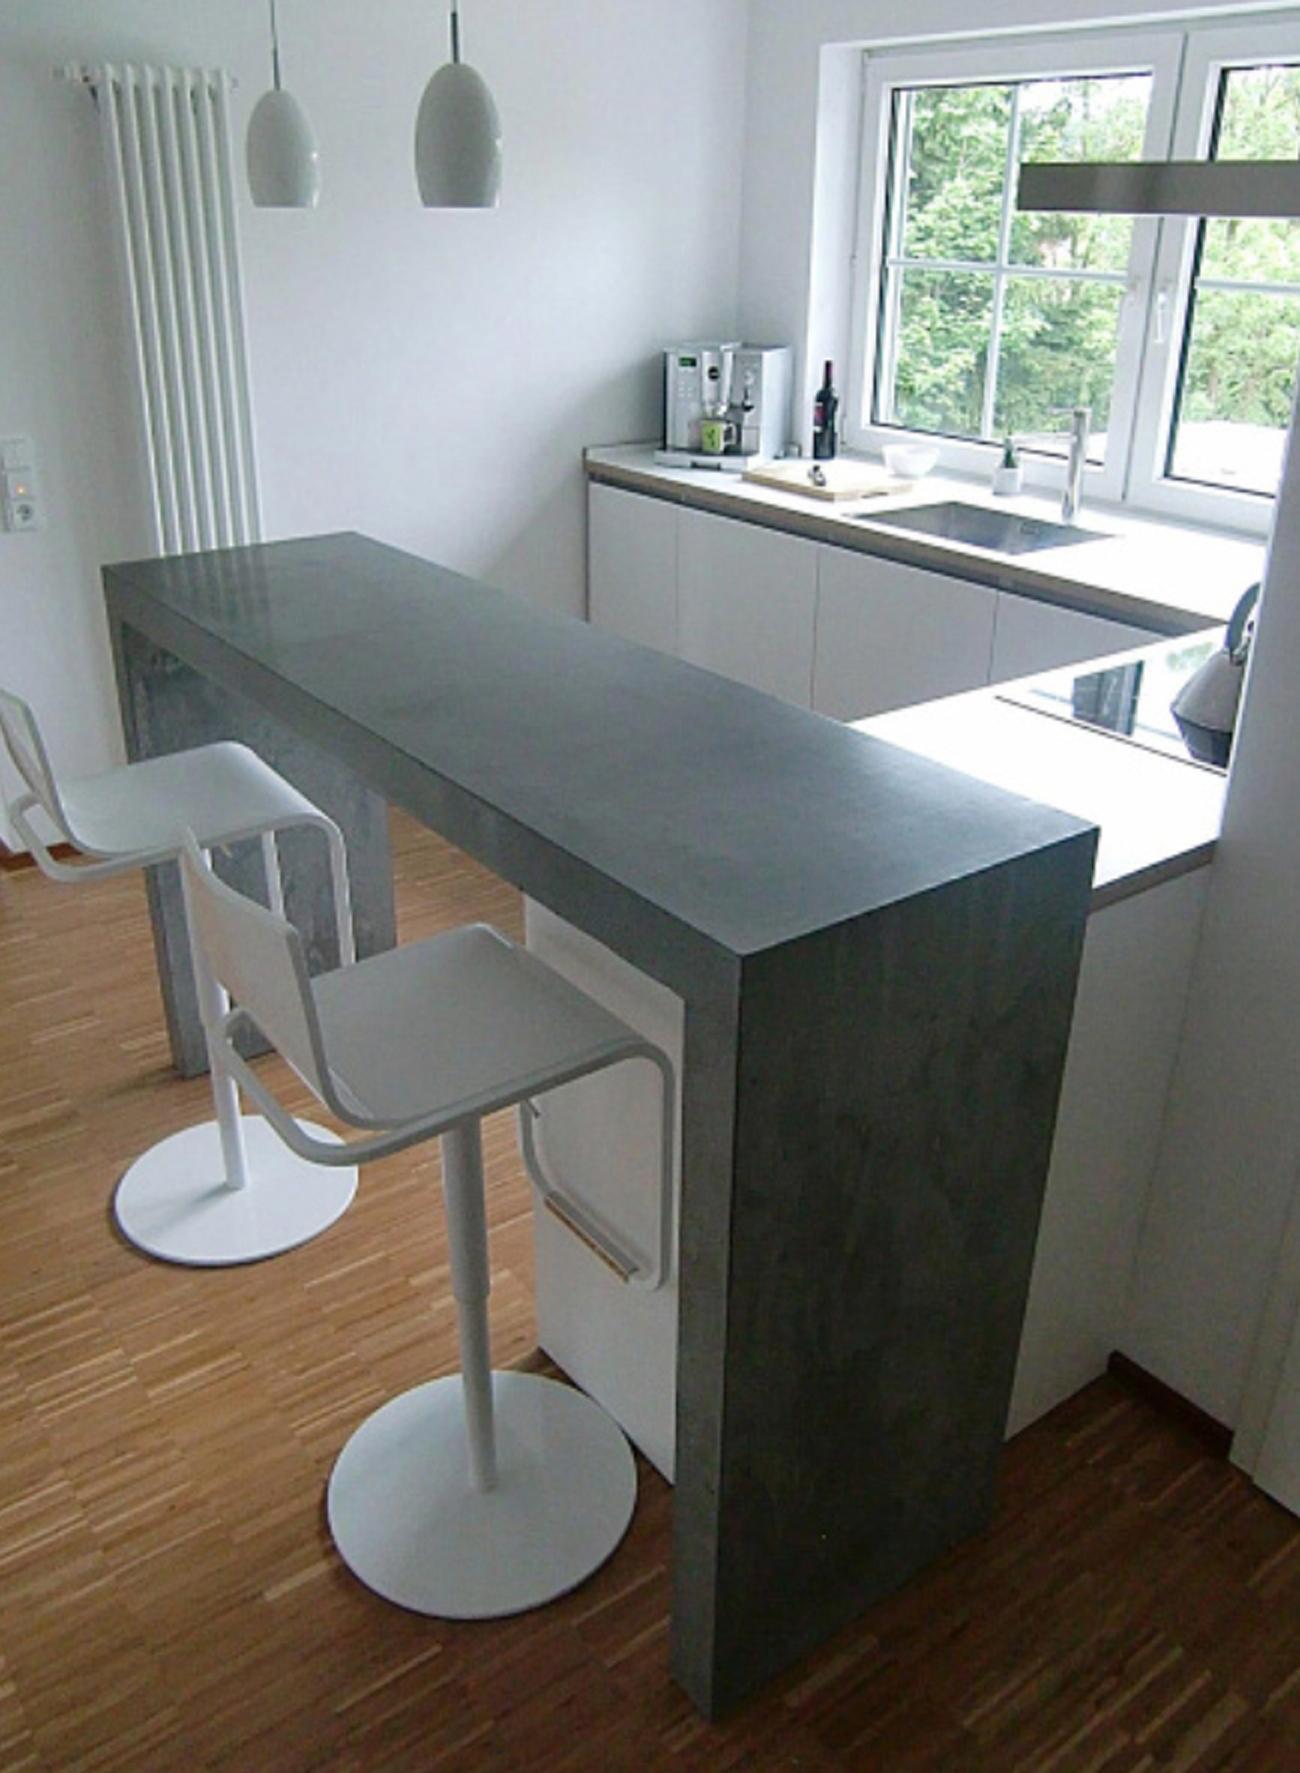 Full Size of Kchentheke Beton Kche Betonmbel P Ikea Küche Kosten Miniküche Betten 160x200 Modulküche Kaufen Bei Sofa Mit Schlaffunktion Wohnzimmer Ikea Küchentheke